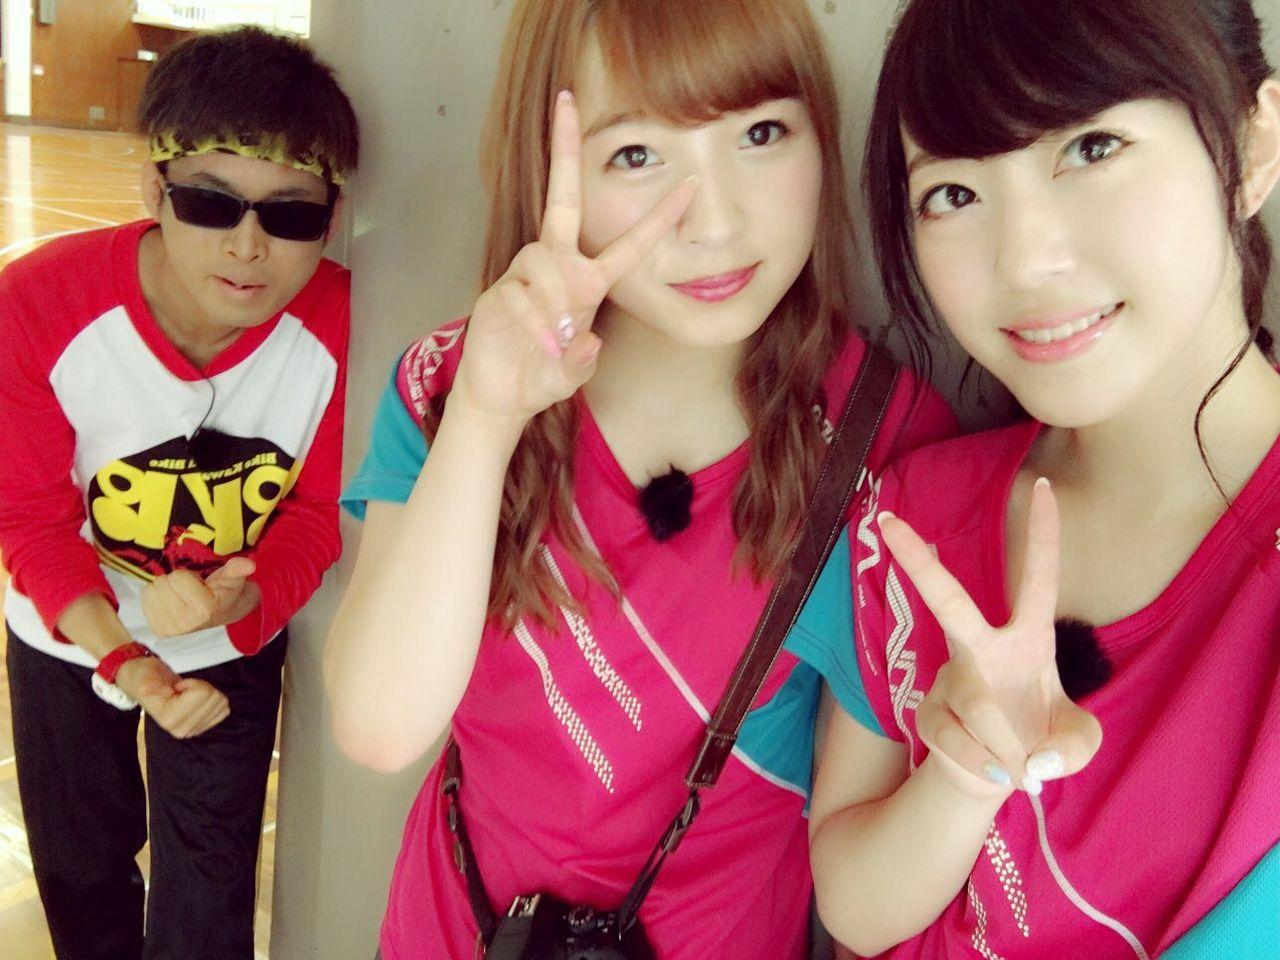 【NMB48】「放課後ぶかつ部」9月分を収録。メンバーの歴代出演回数など